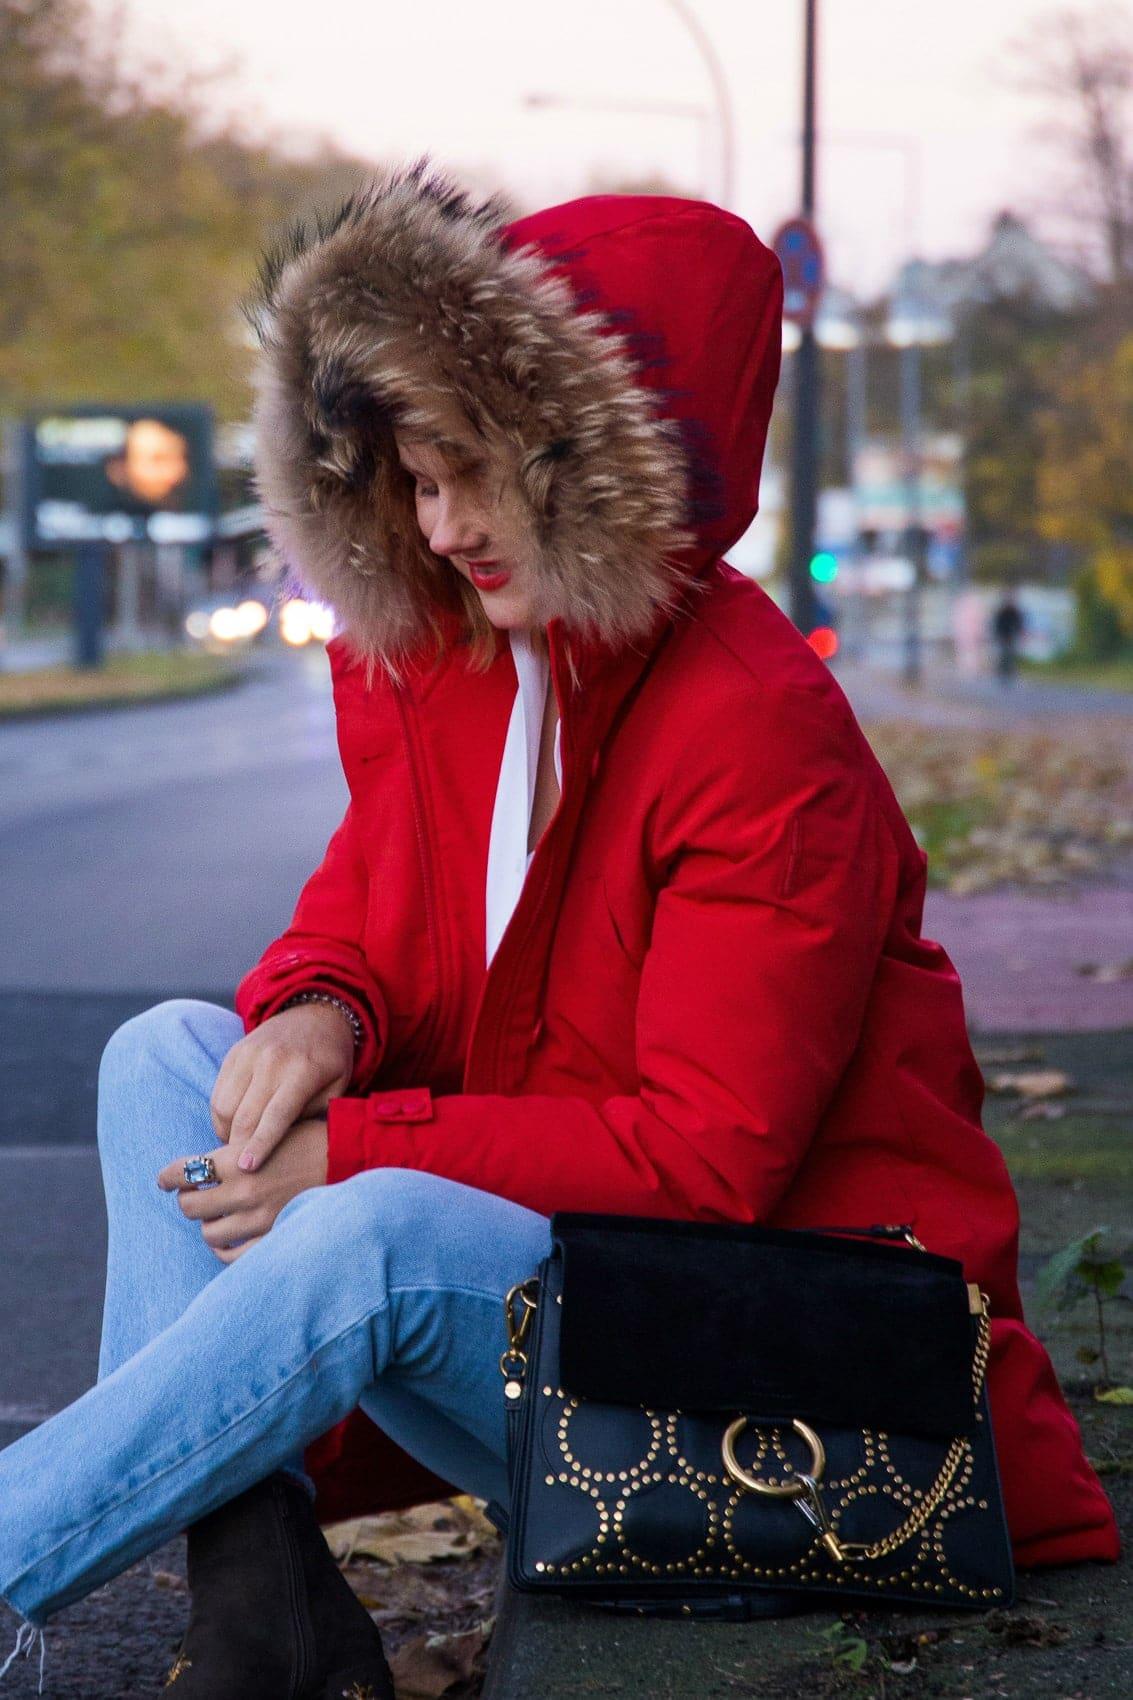 So stylst du deine rote Winterjacke in dieser Saison!